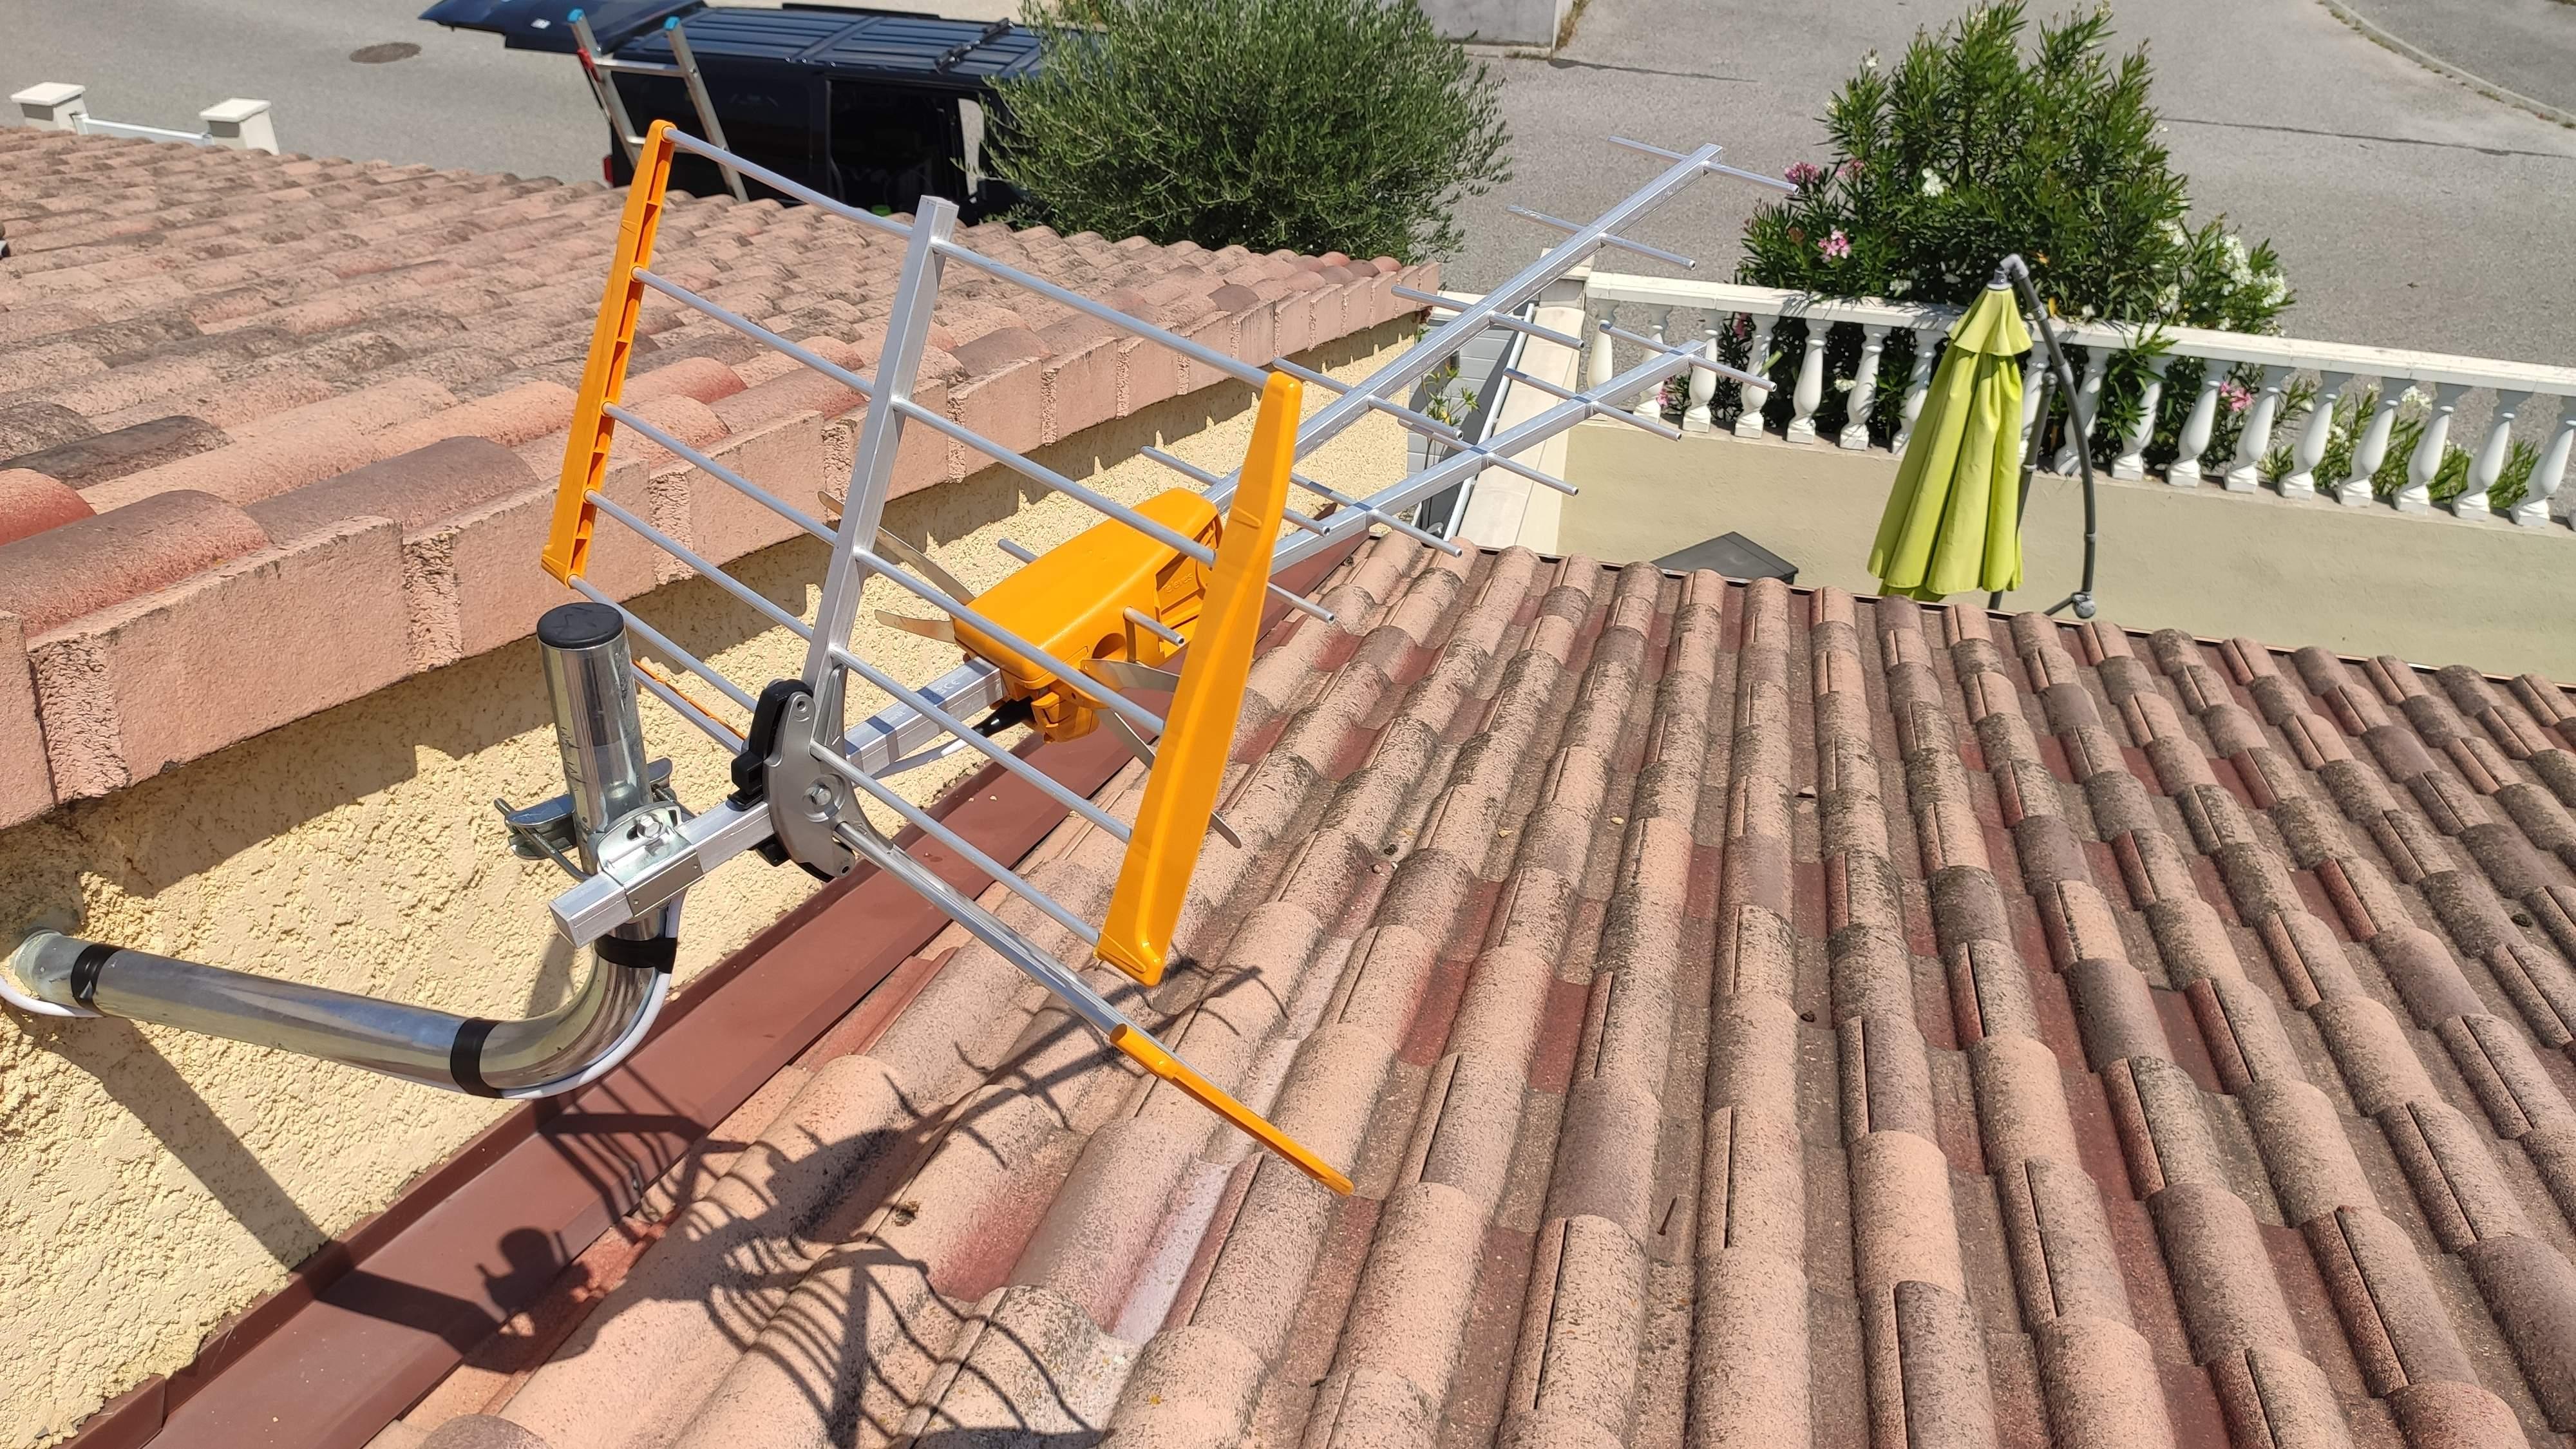 Logo Antenne et SAT multiservice installation de système de chauffage électrique Drôme 26